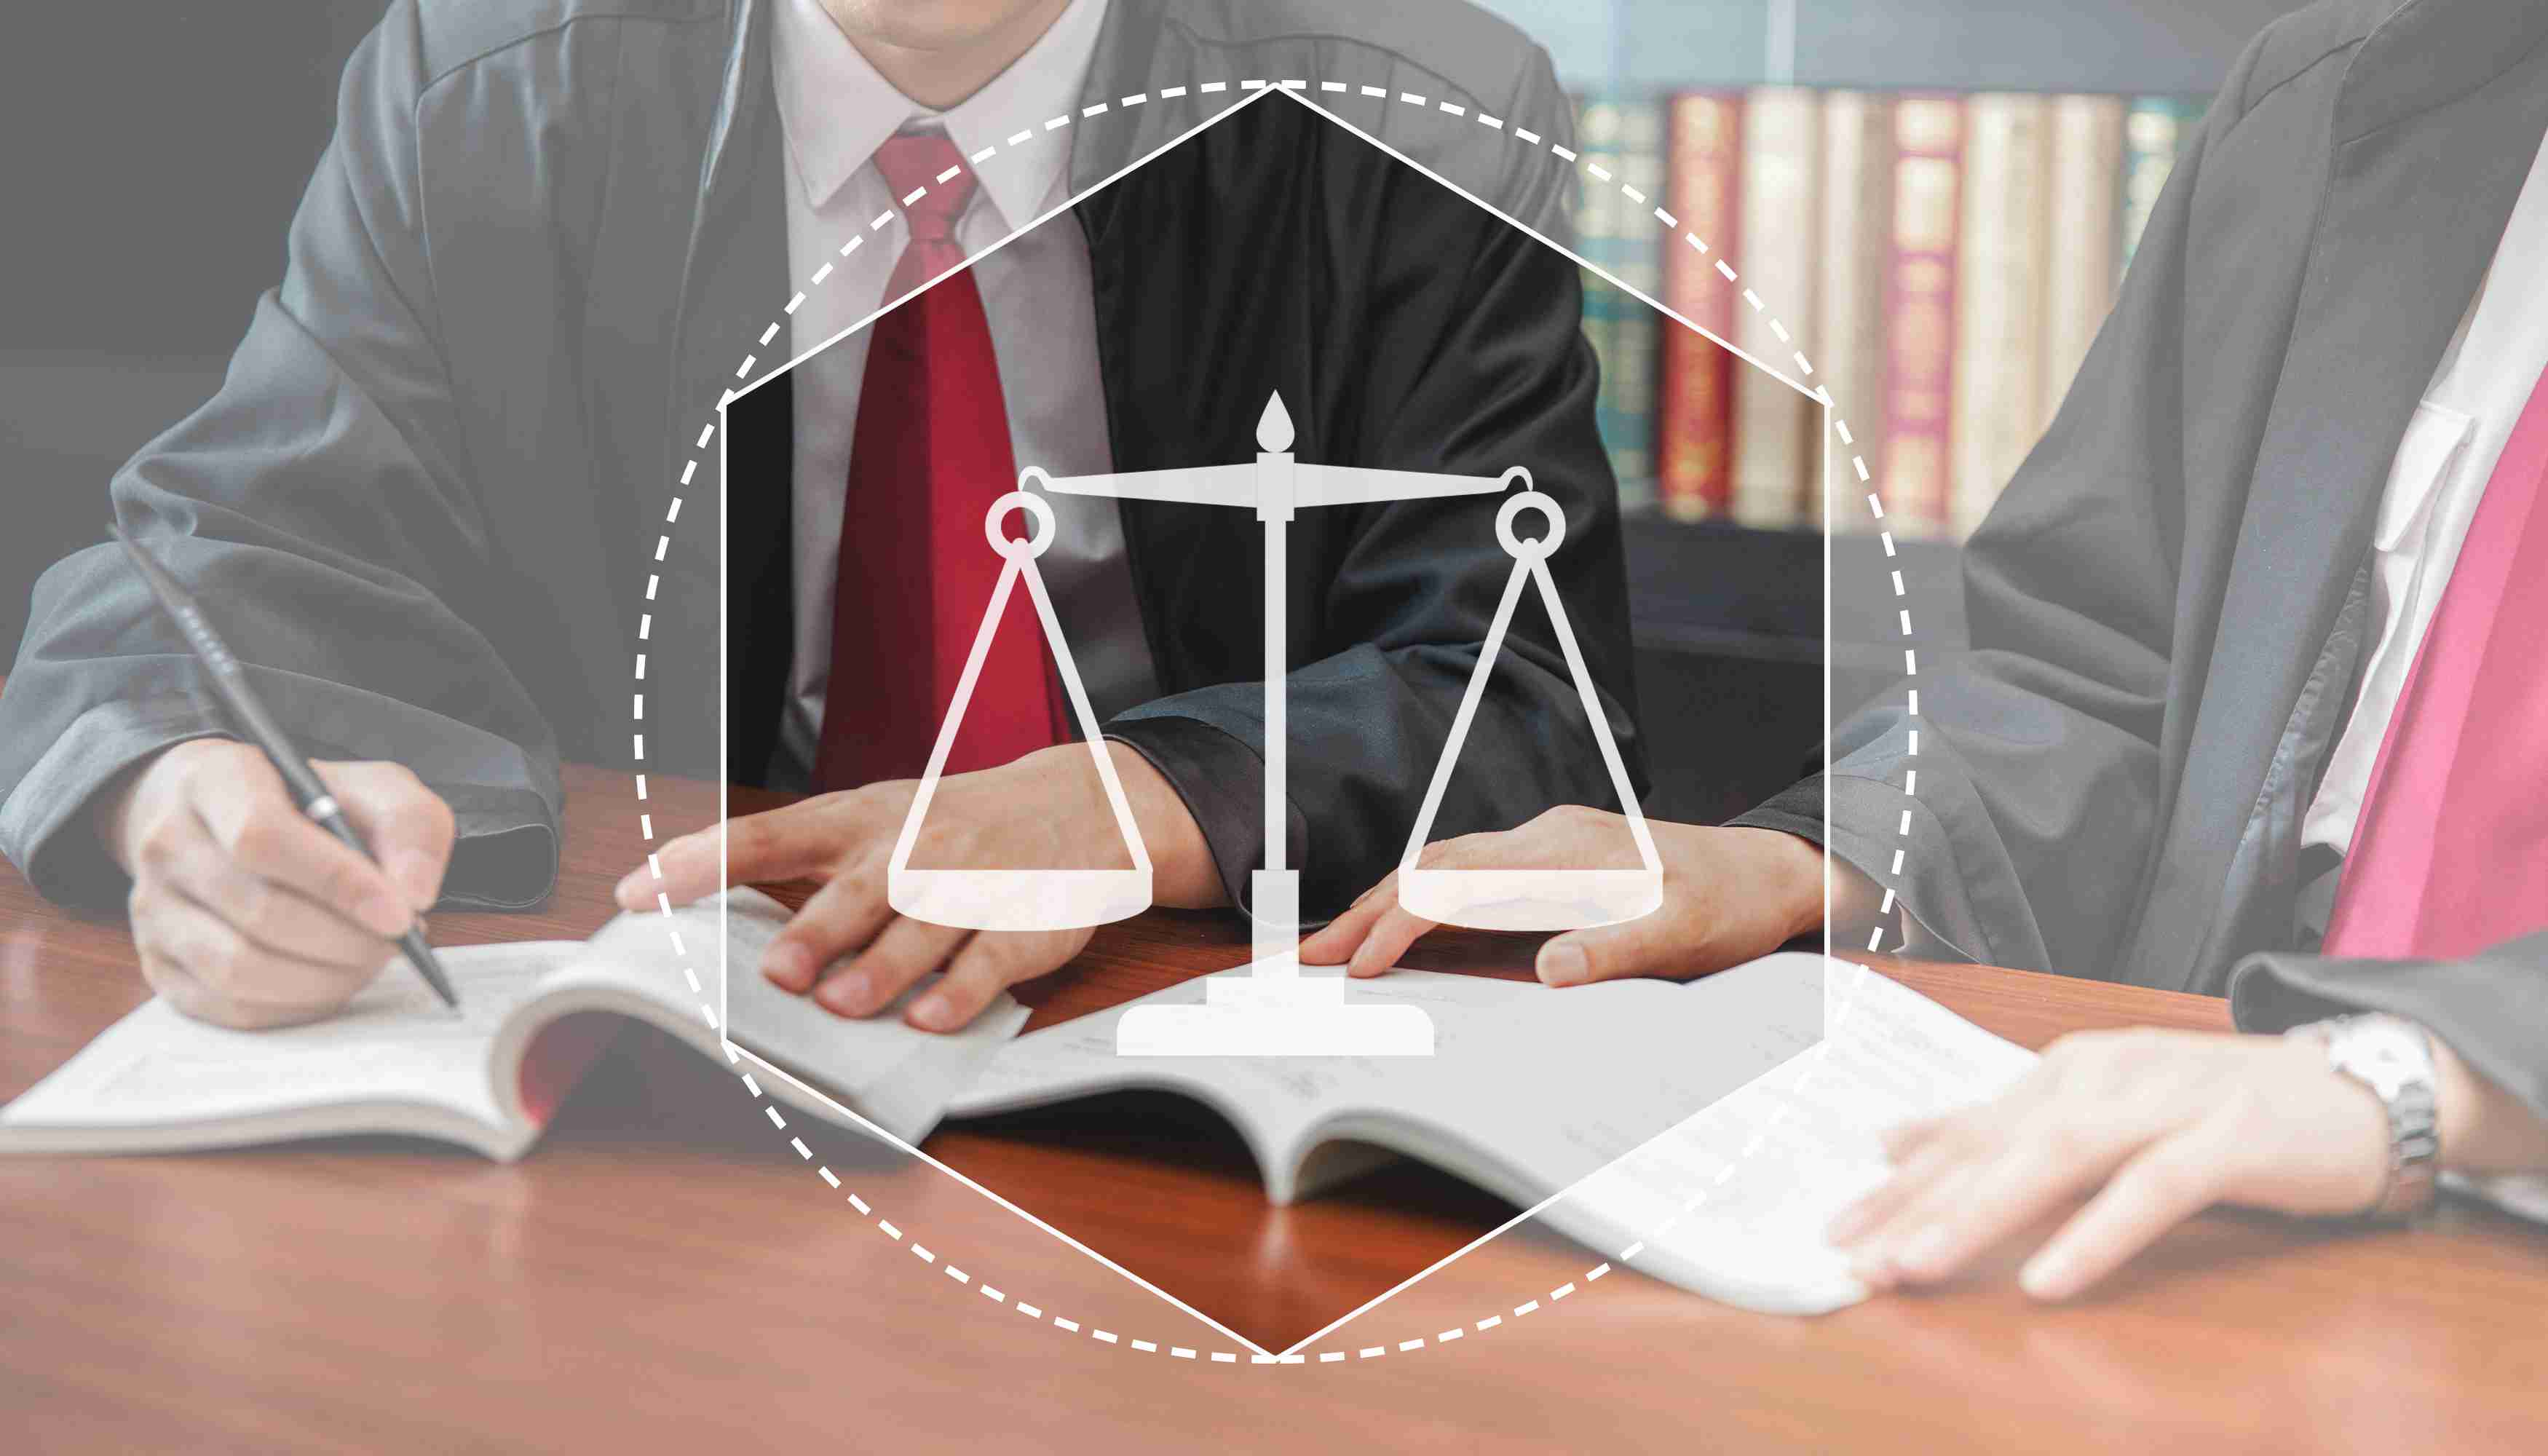 深圳外观专利侵权律师哪家好?